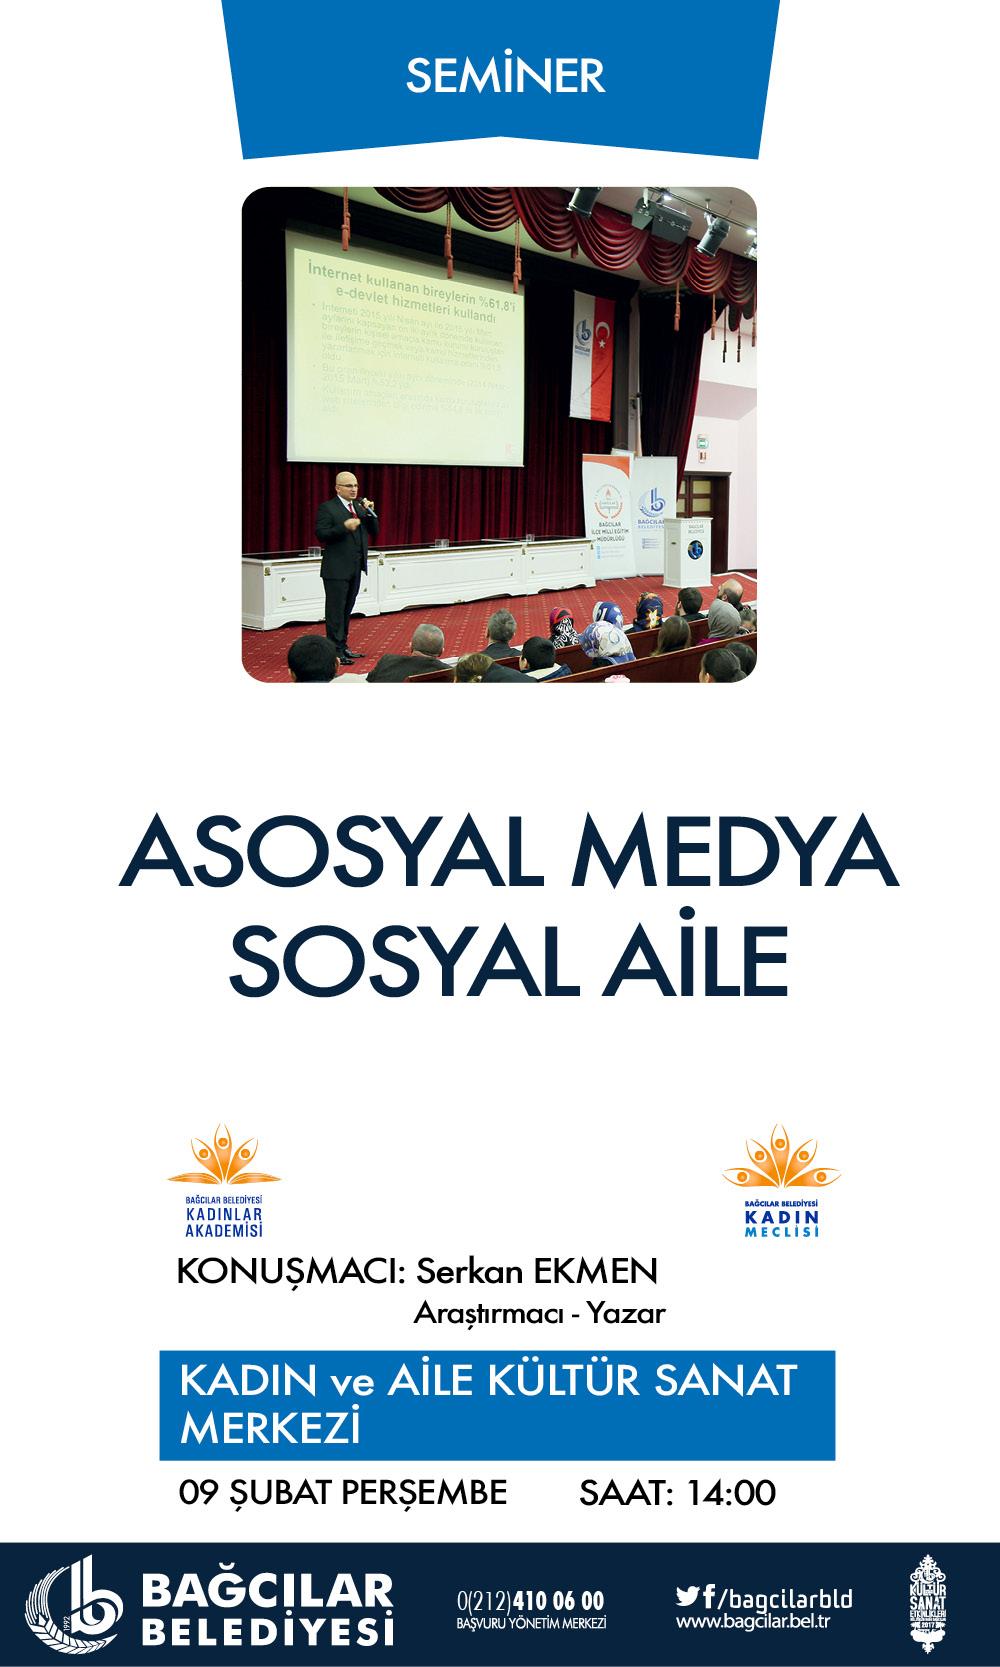 ASOSYAL MEDYA SOSYAL AİLE